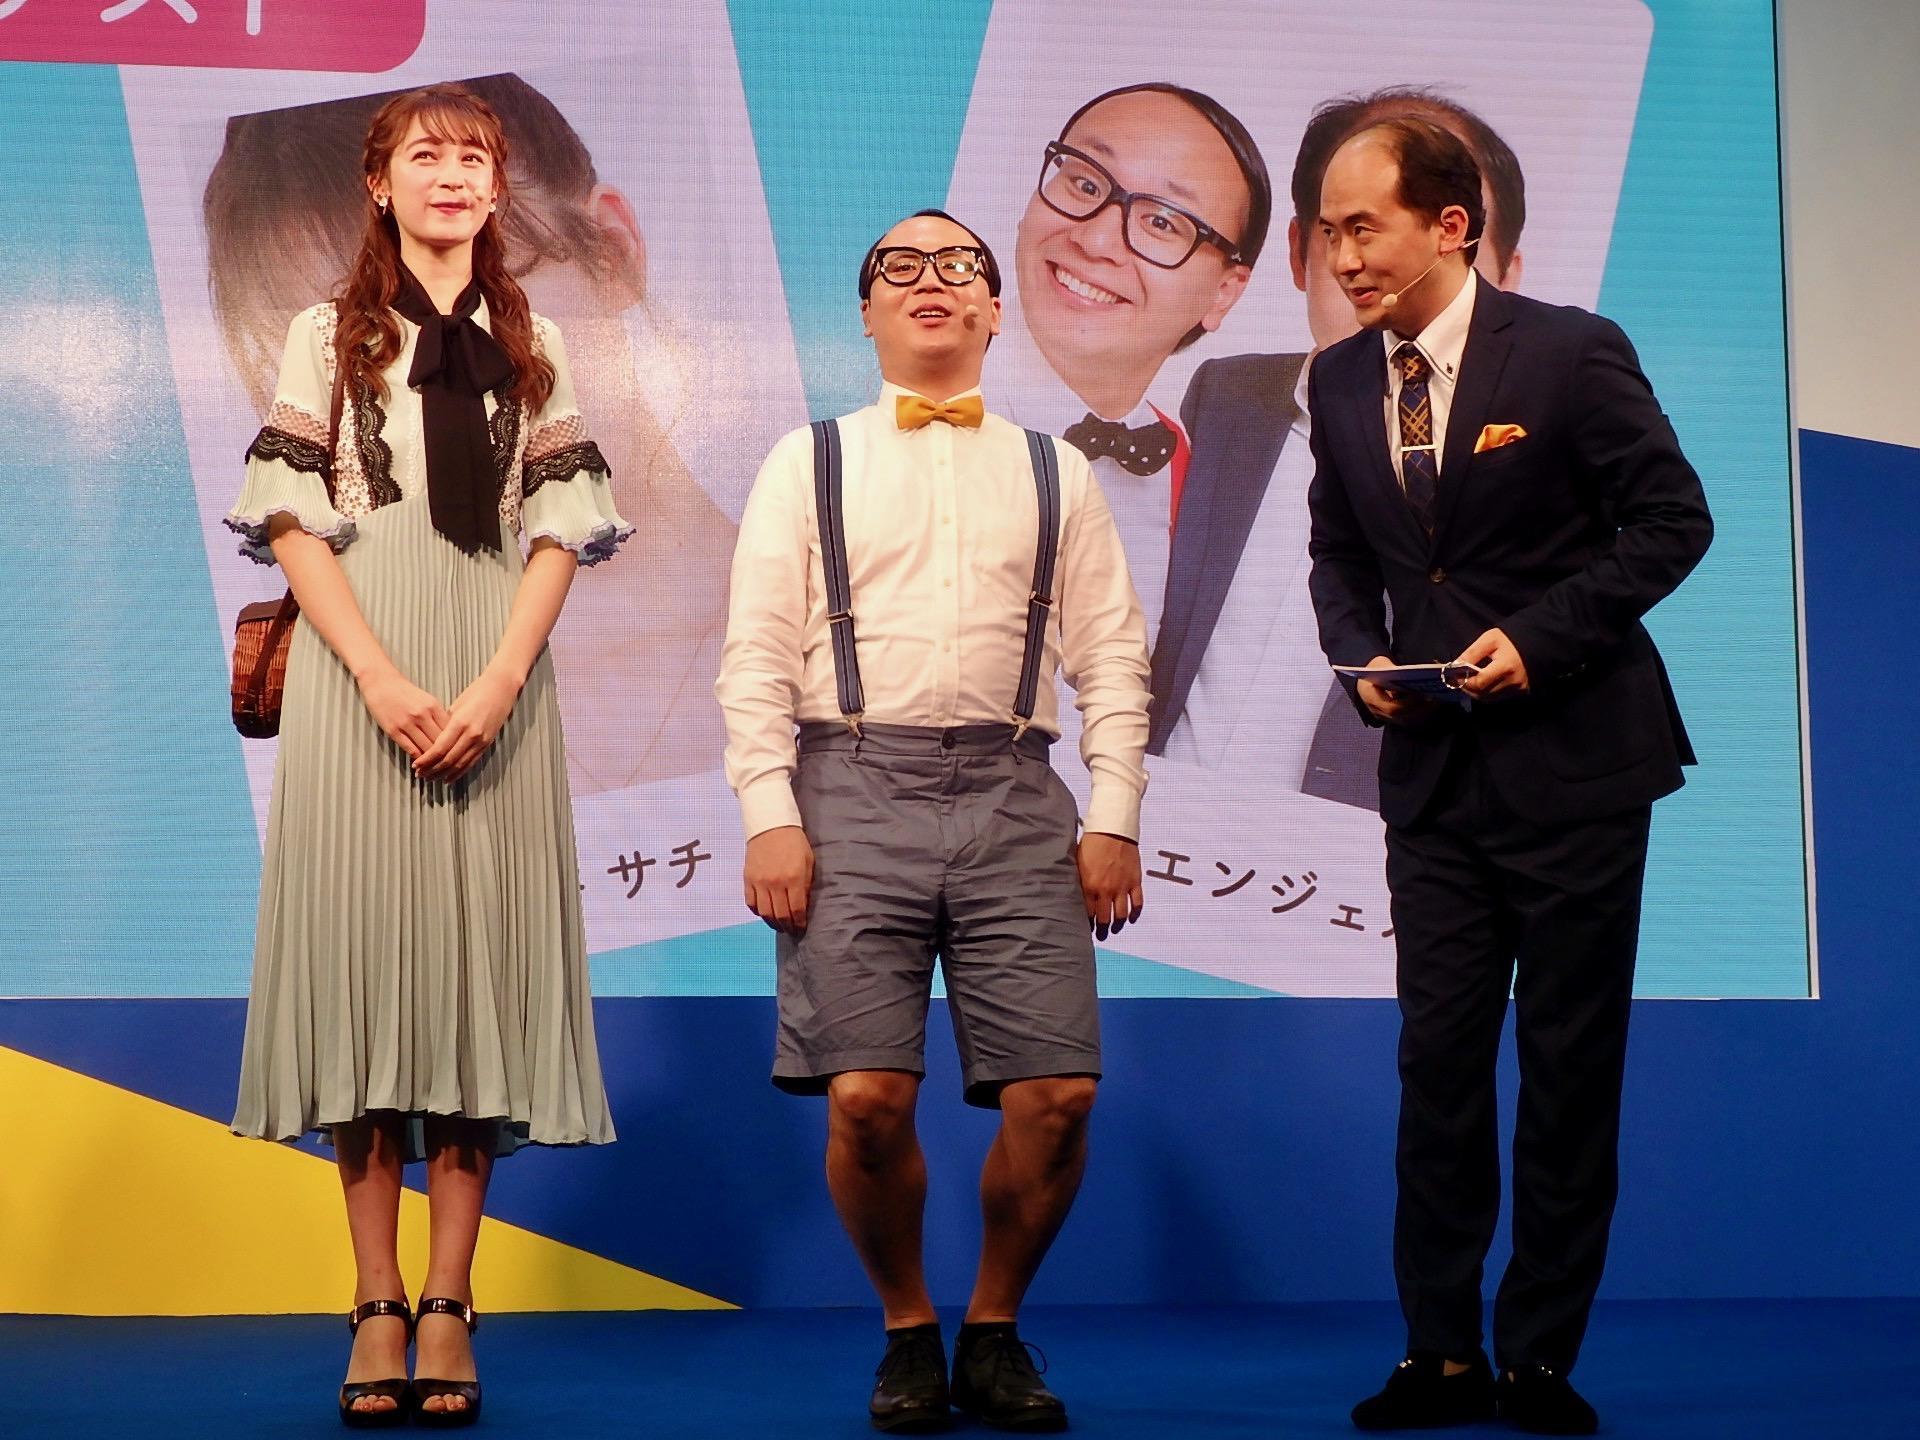 http://news.yoshimoto.co.jp/20180608133306-3683ee4aa2a9a91b706b87e9d2cd2bd3d9900f70.jpg